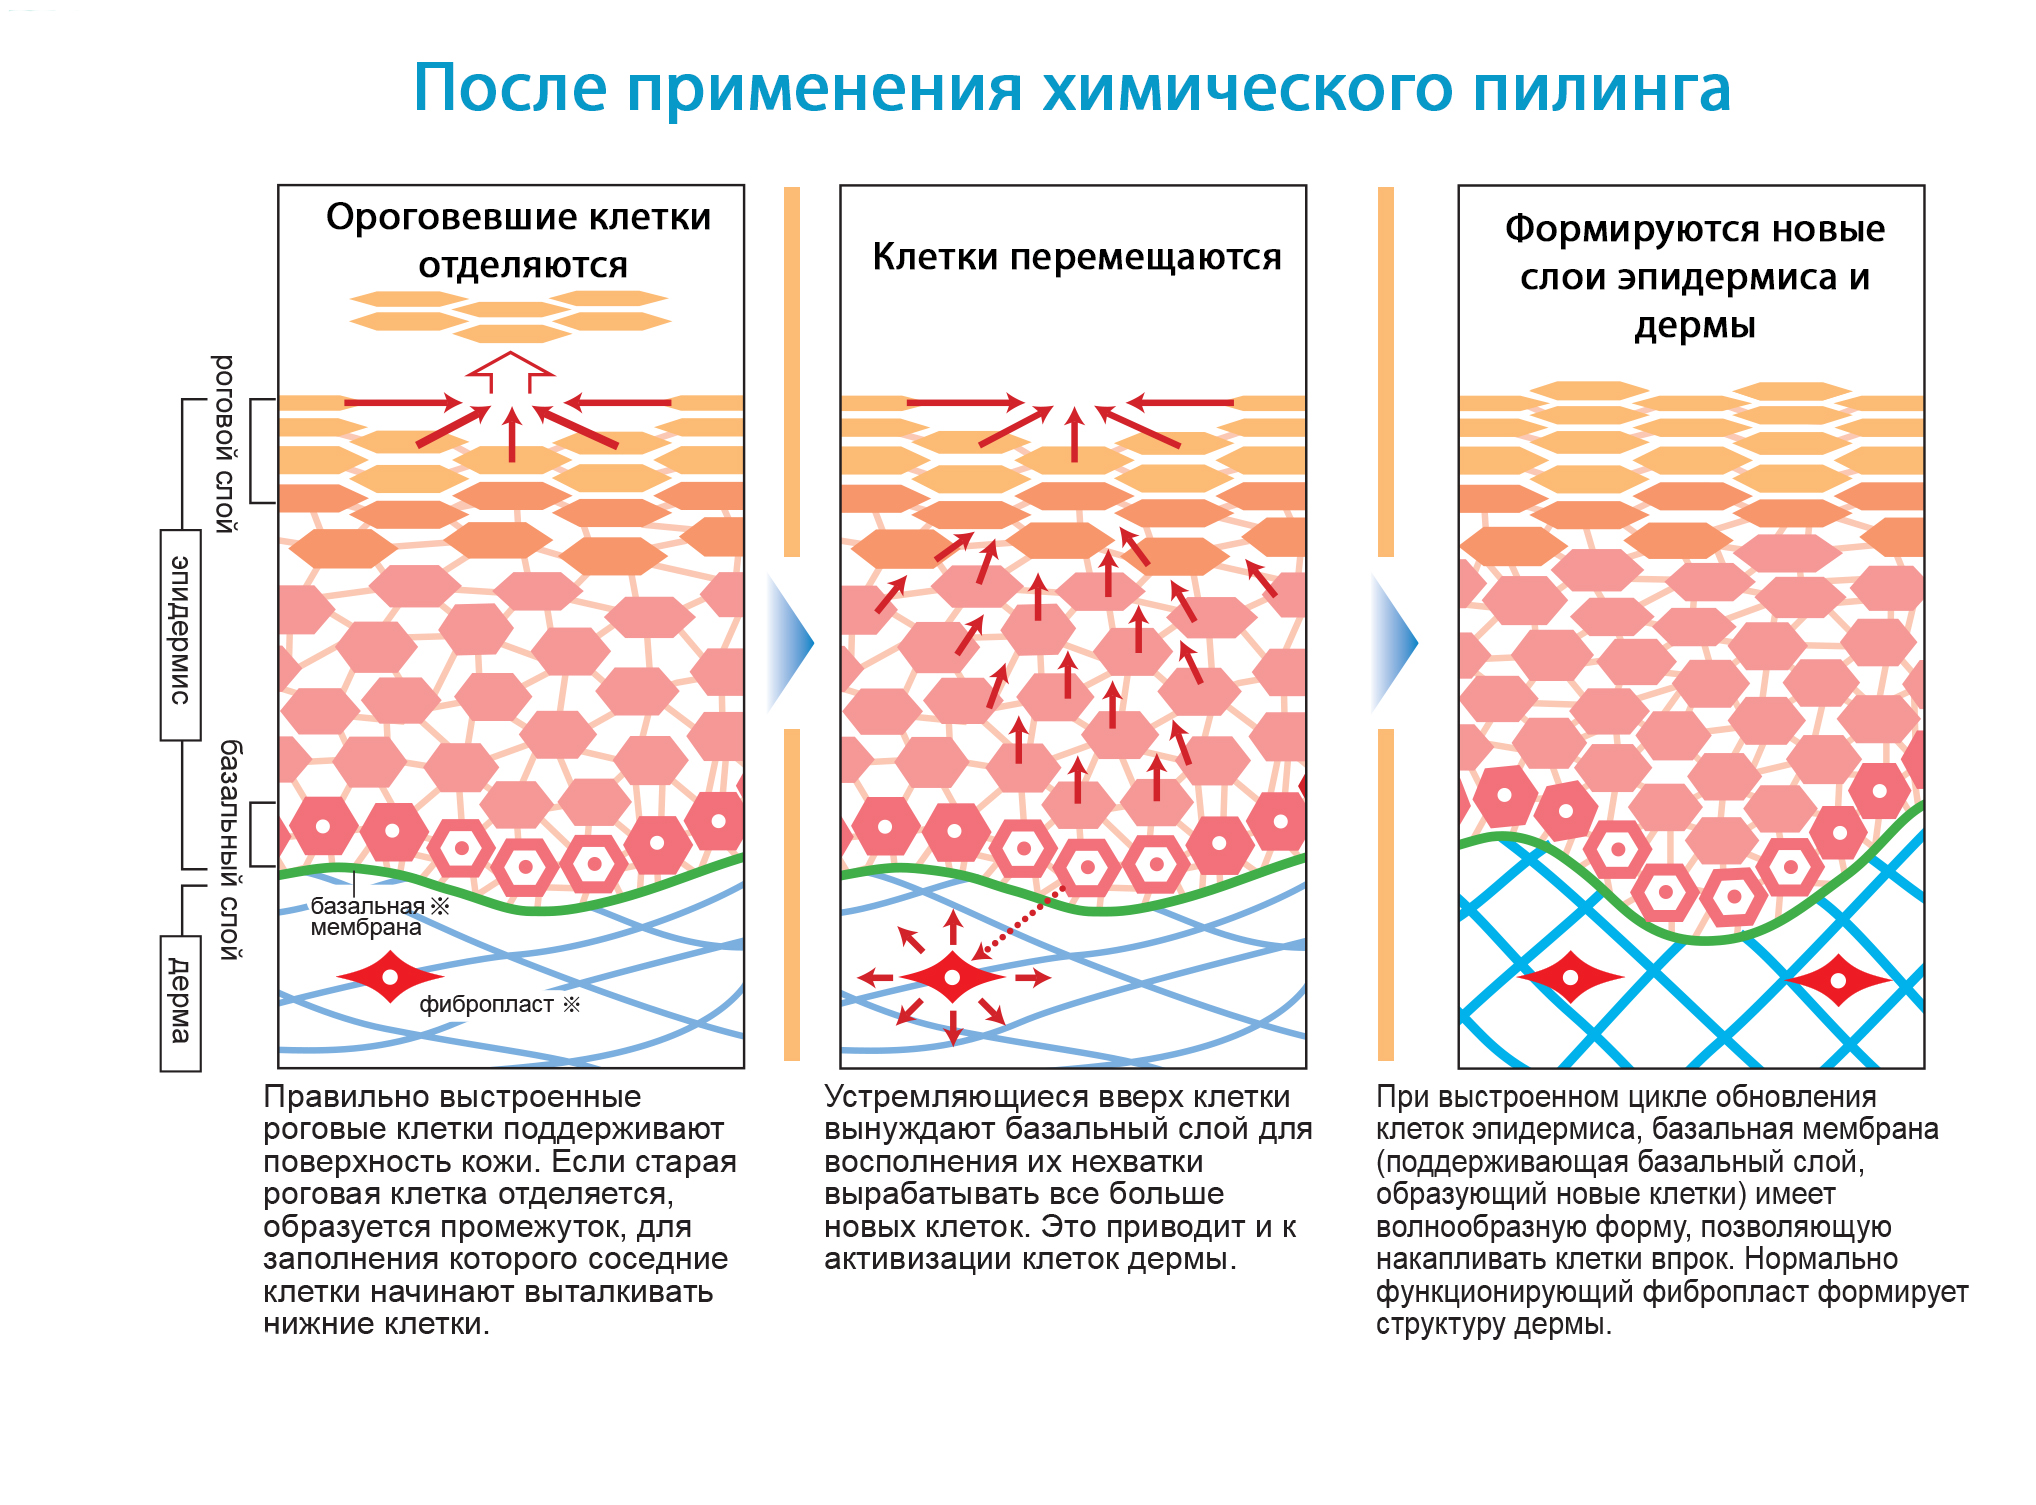 Принцип действия химического пилинга